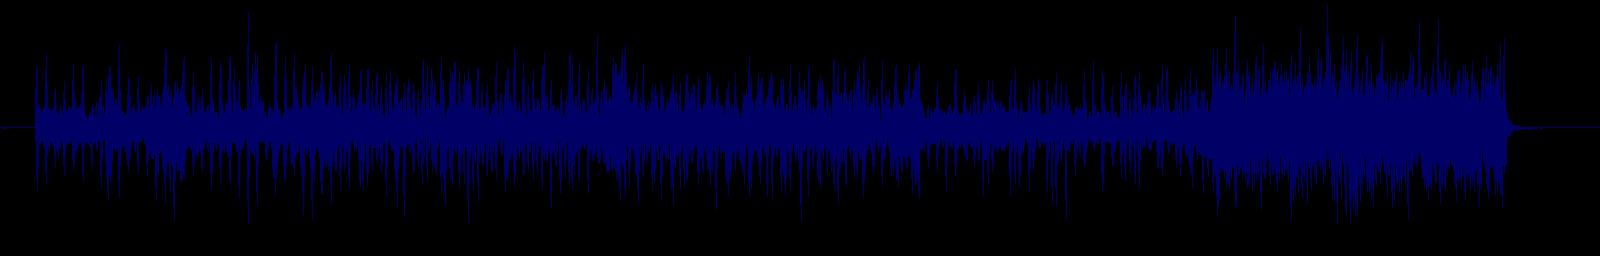 waveform of track #154310